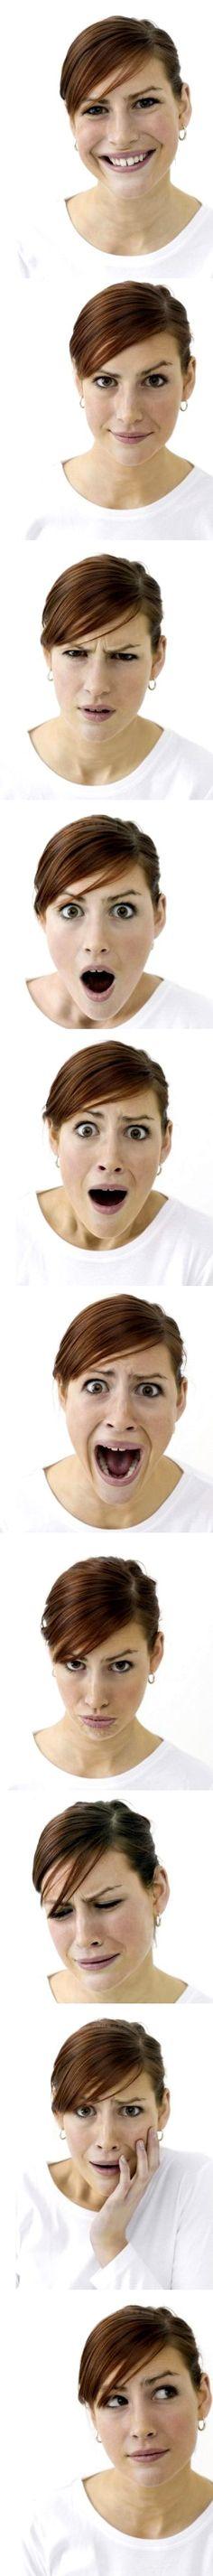 Woman facial expressions sheet